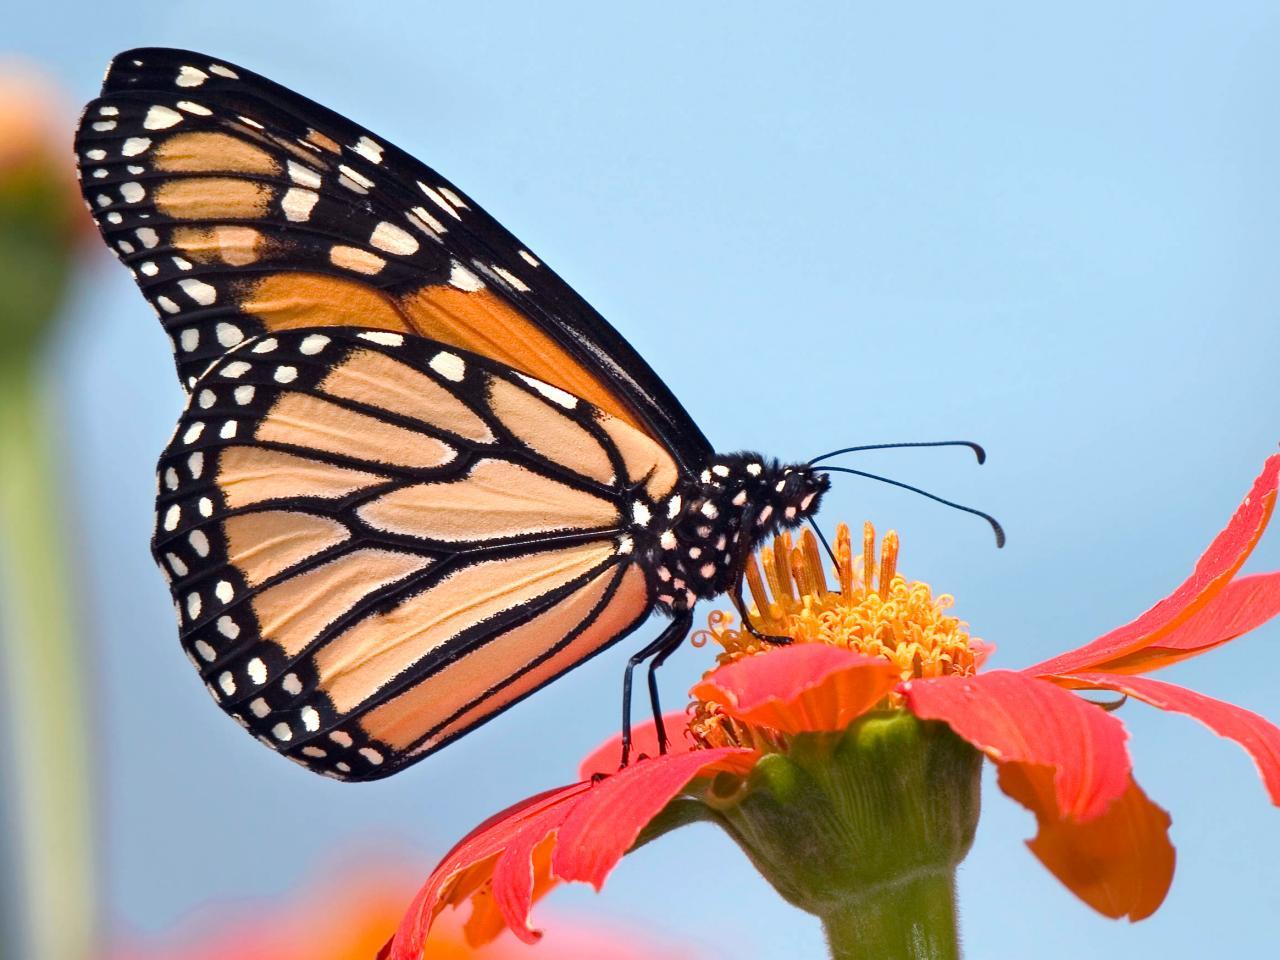 Nuova generazione di tessuti elastici che si ispirano alle ali di farfalla